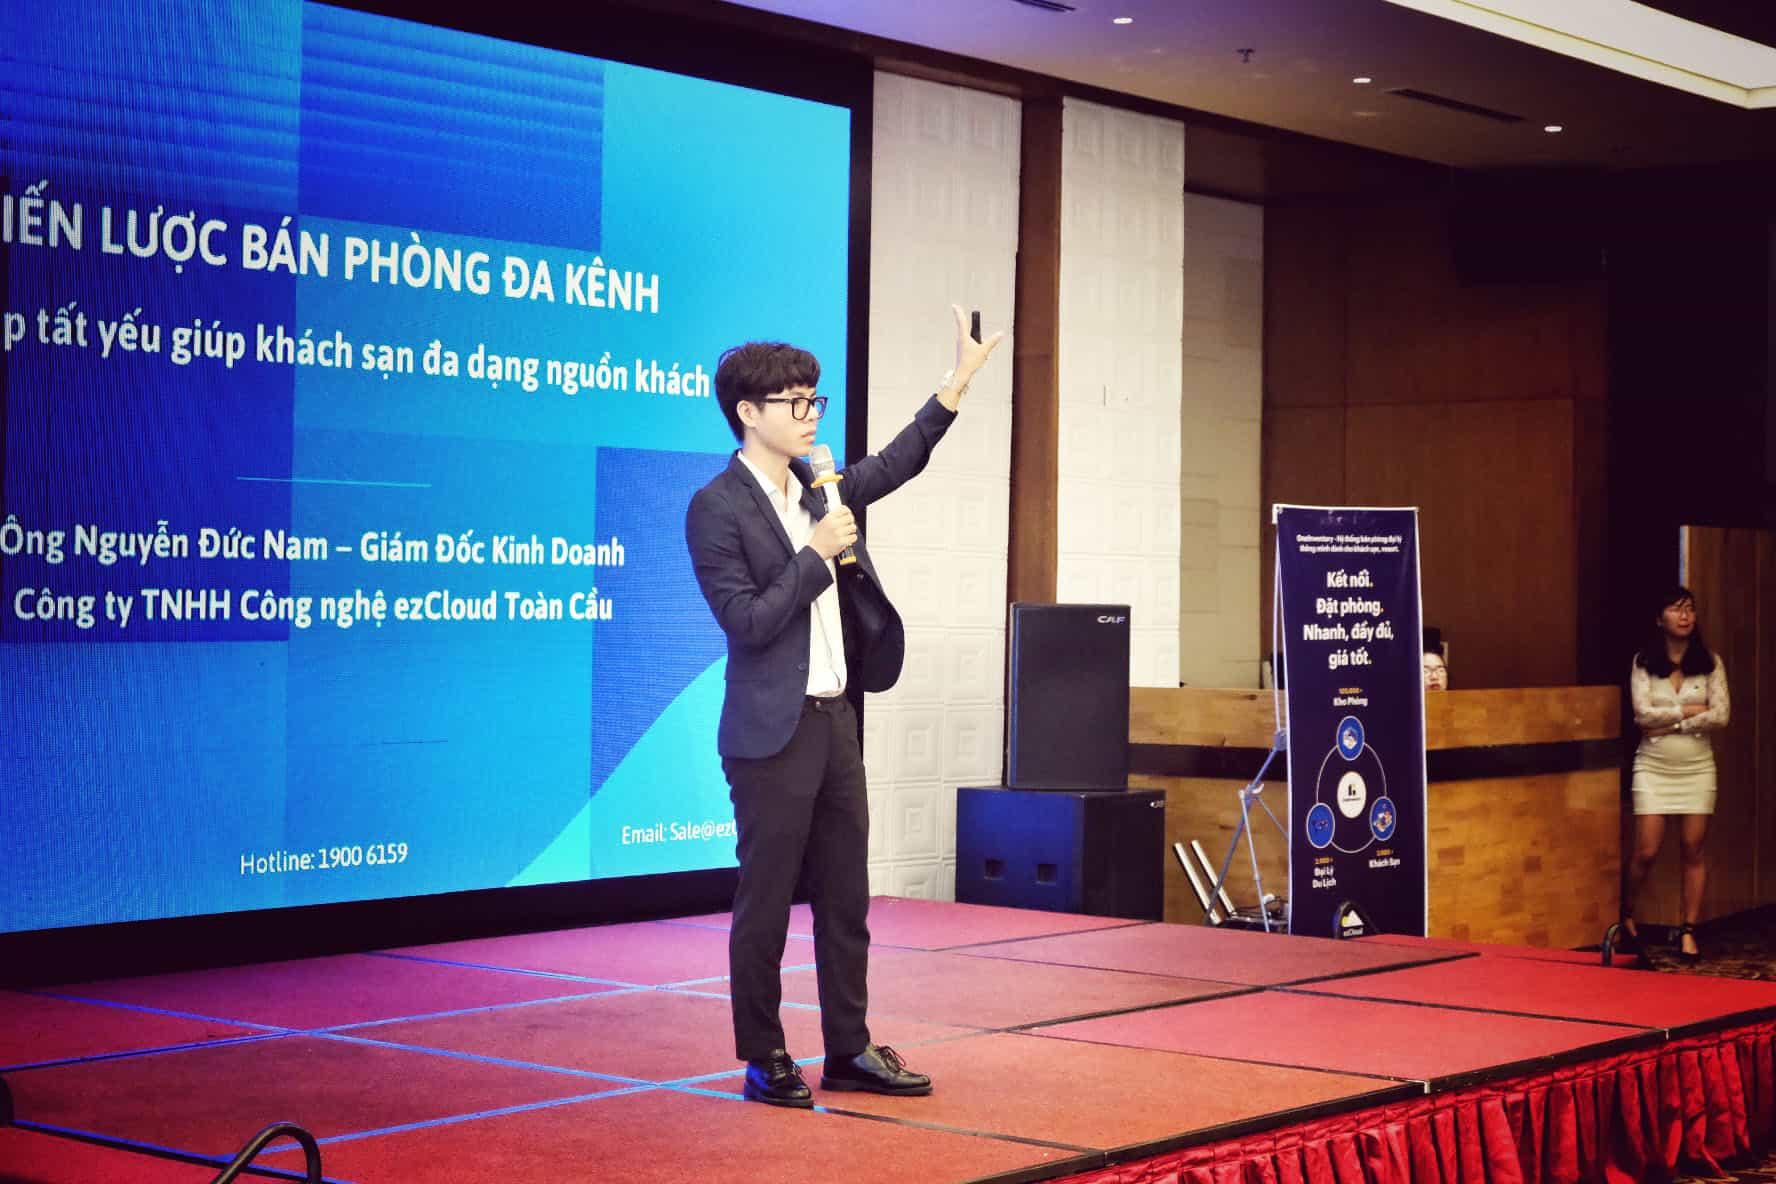 """Hội thảo: """"Kinh doanh khách sạn tại Nha Trang - Đa dạng hóa nguồn khách theo xu hướng công nghệ mới"""""""